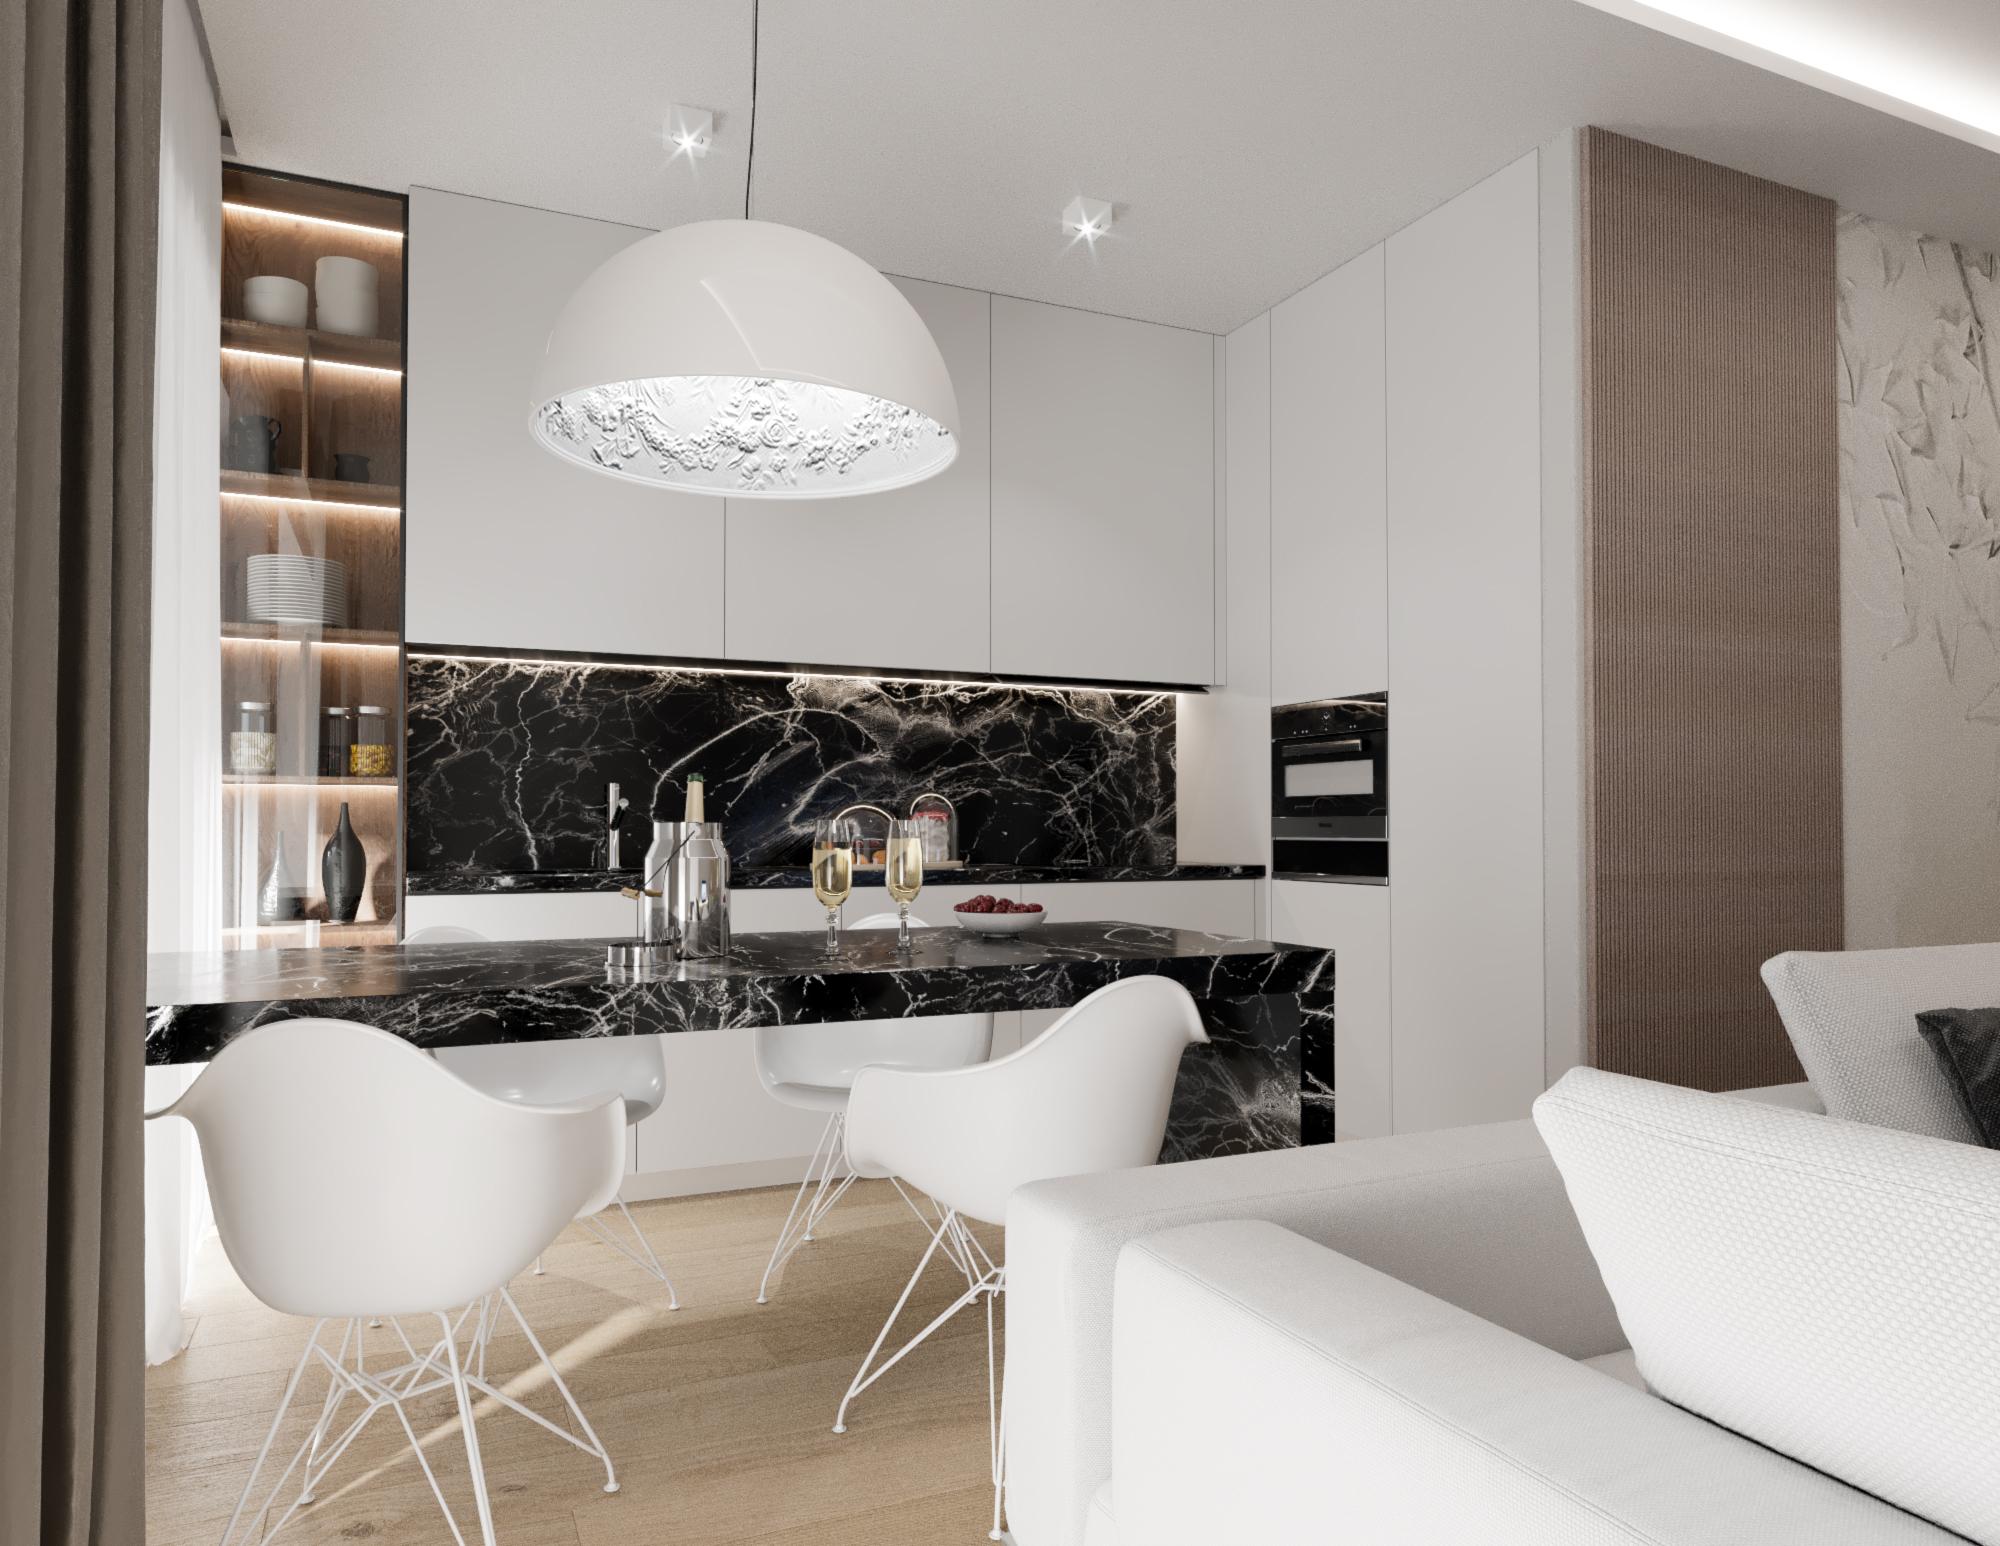 Quanto Costa Un Impianto Di Riscaldamento A Pavimento Al Mq quanto costa ristrutturare casa? i prezzi al metro quadro